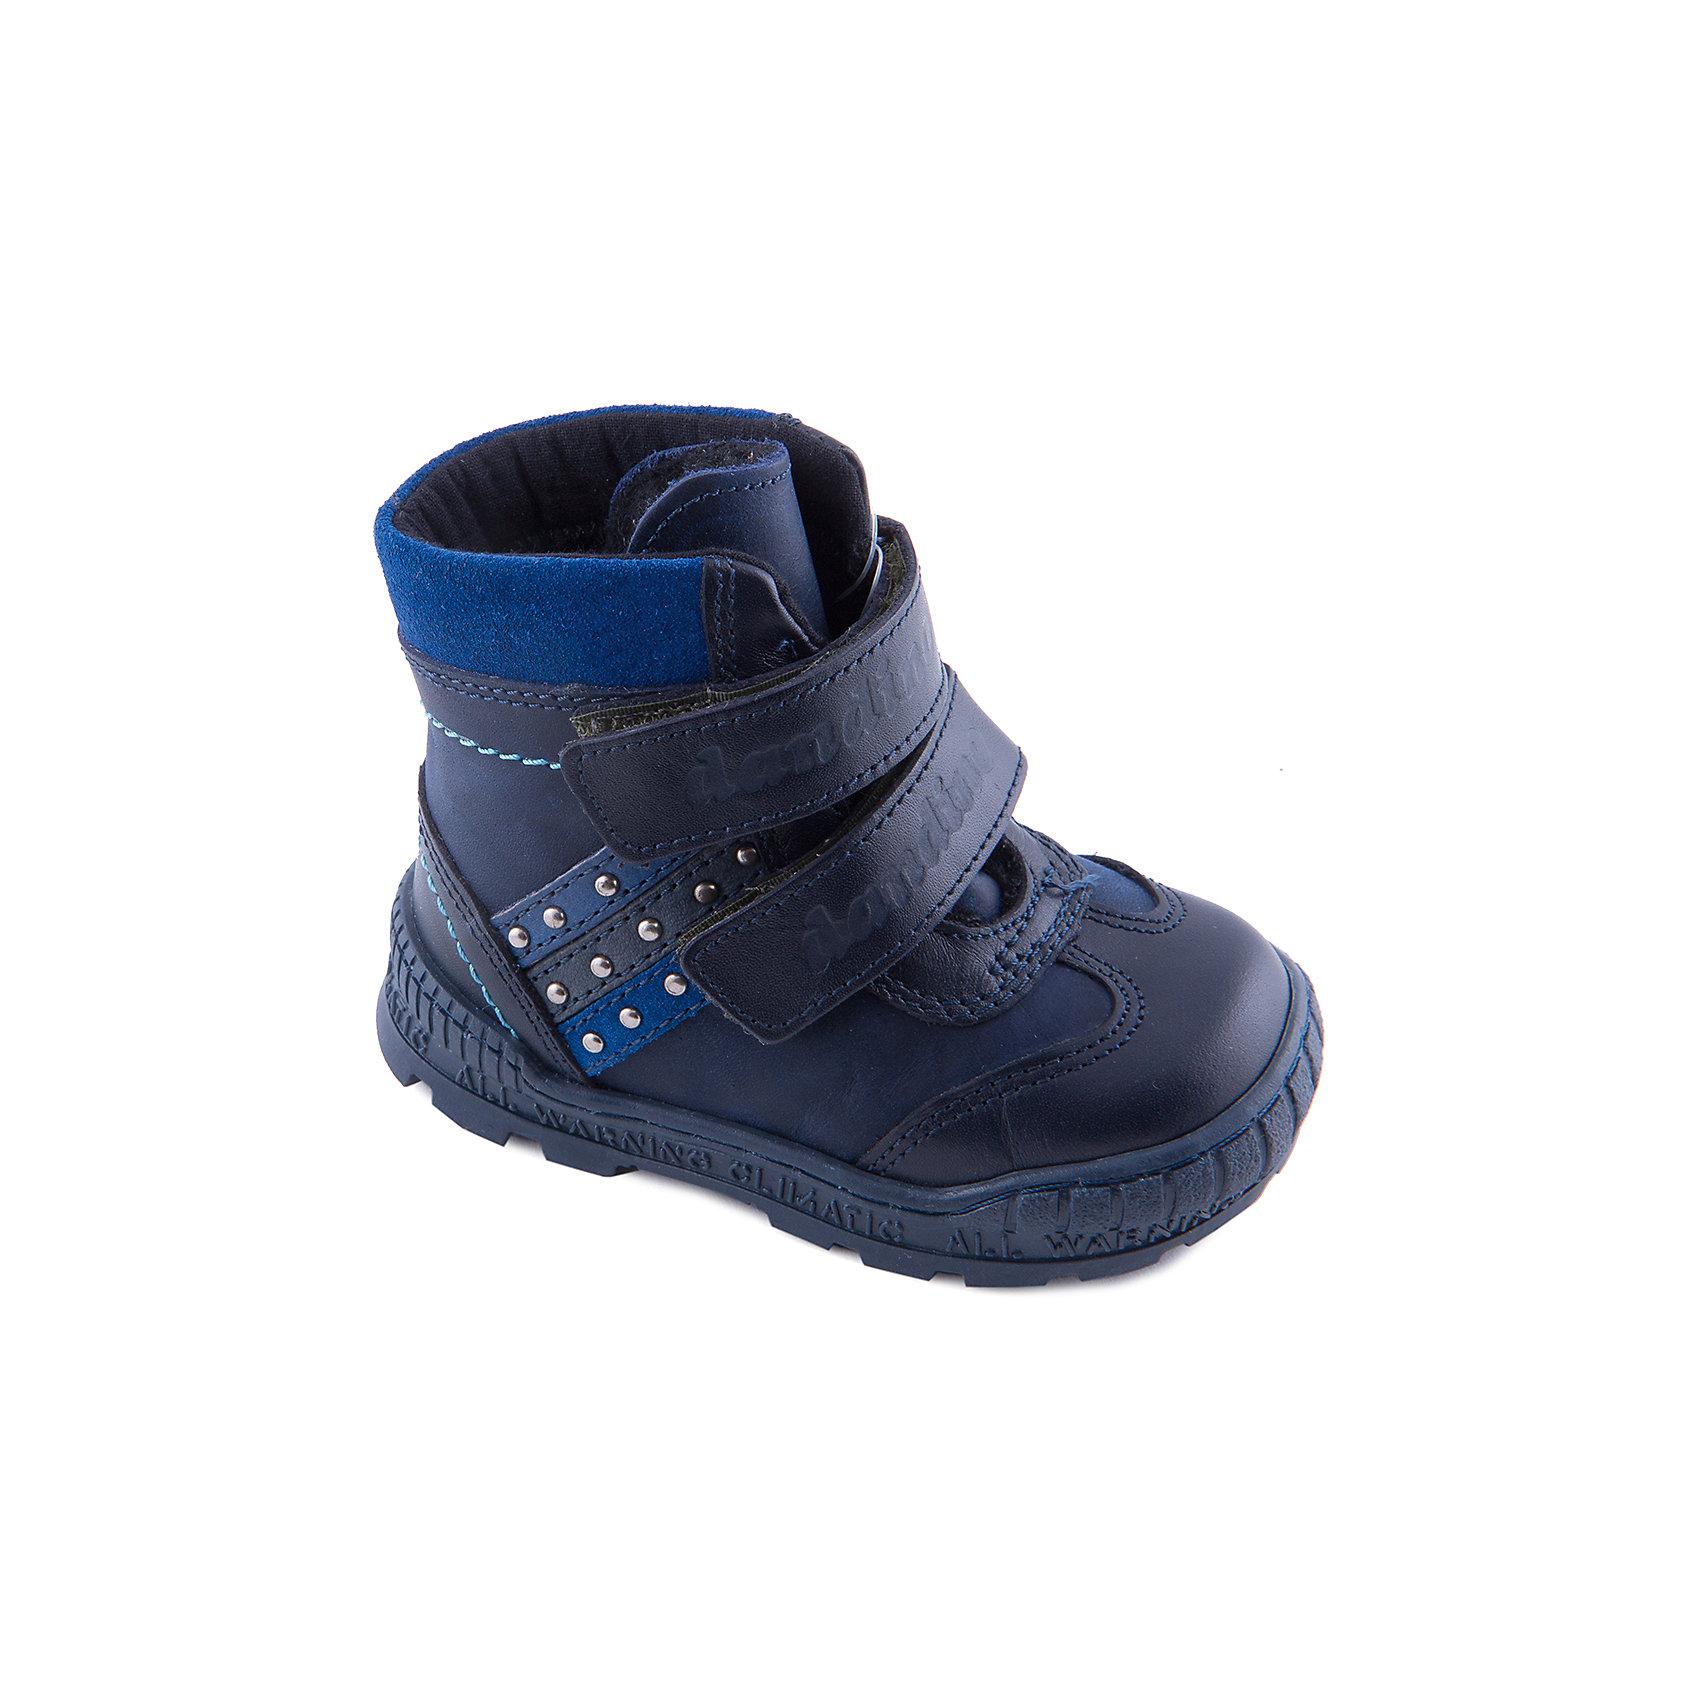 Ботинки для мальчика DandinoБотинки<br>Ботинки для мальчика Dandino - прекрасный вариант на холодную погоду. Модель застегивается на липучки, дополнена усиленным задником и носом, имеет толстую рифленую подошву, обеспечивающую тепло и безопасность, декорирована прострочкой и полосками кожи с металлическими элементами.  Ботинки выполнены из натуральной кожи, подкладка изготовлена из меха, красивый и практичный вариант для вашего ребёнка!<br><br>Дополнительная информация:<br><br>- Сезон: осень/зима.<br>- Температурный режим: от -5 до - 20<br>- Тип застежки: липучка <br>- Декоративные элементы:  <br>Параметры для размера 20<br>- Толщина подошвы: 1,5 см.<br>- Высота каблука: 2 см.<br>Состав: верх-натуральная кожа 100%, подкладка -  мех 100%, подошва-ТЭП.<br><br>Ботинки для мальчика Dandino (Дандино) можно купить в нашем магазине.<br><br>Ширина мм: 257<br>Глубина мм: 180<br>Высота мм: 130<br>Вес г: 420<br>Цвет: синий<br>Возраст от месяцев: 9<br>Возраст до месяцев: 12<br>Пол: Мужской<br>Возраст: Детский<br>Размер: 20,27,28,30,25,23,22,24,21,29,26<br>SKU: 4232946